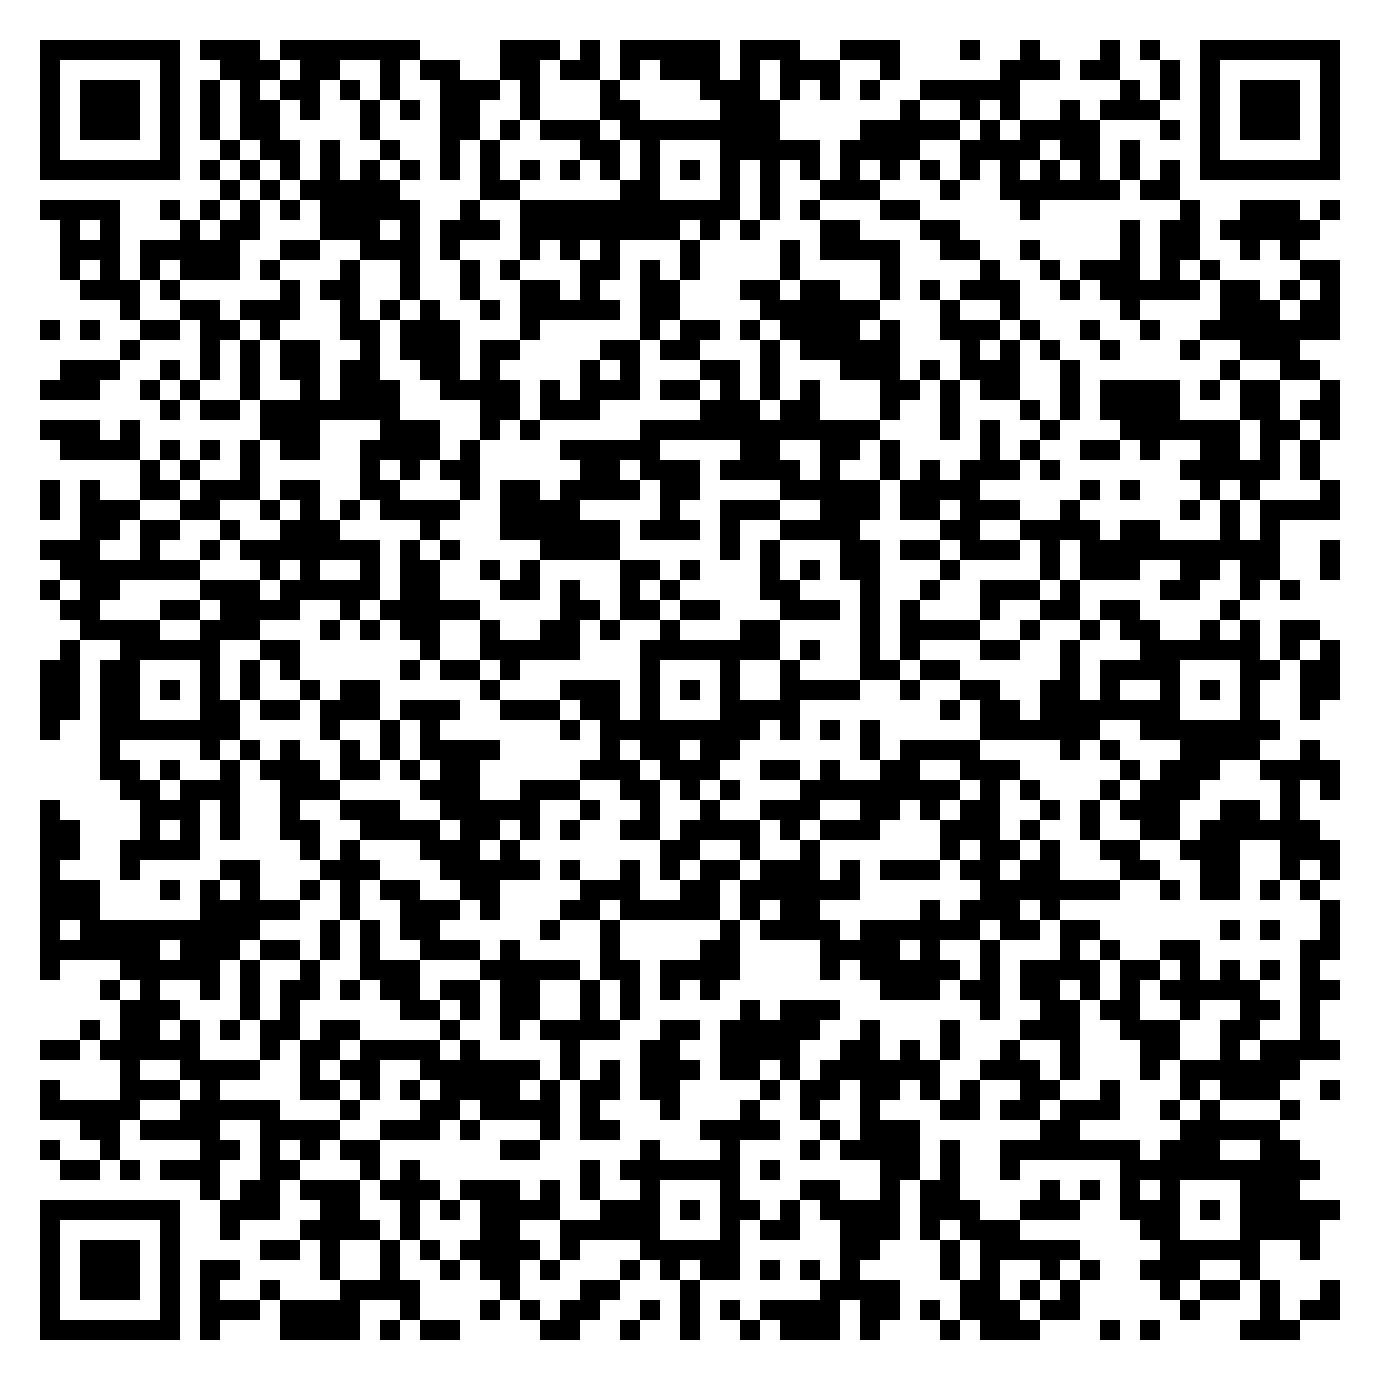 QR-Code Kontakt AutoTechnik Keller, Meiningen